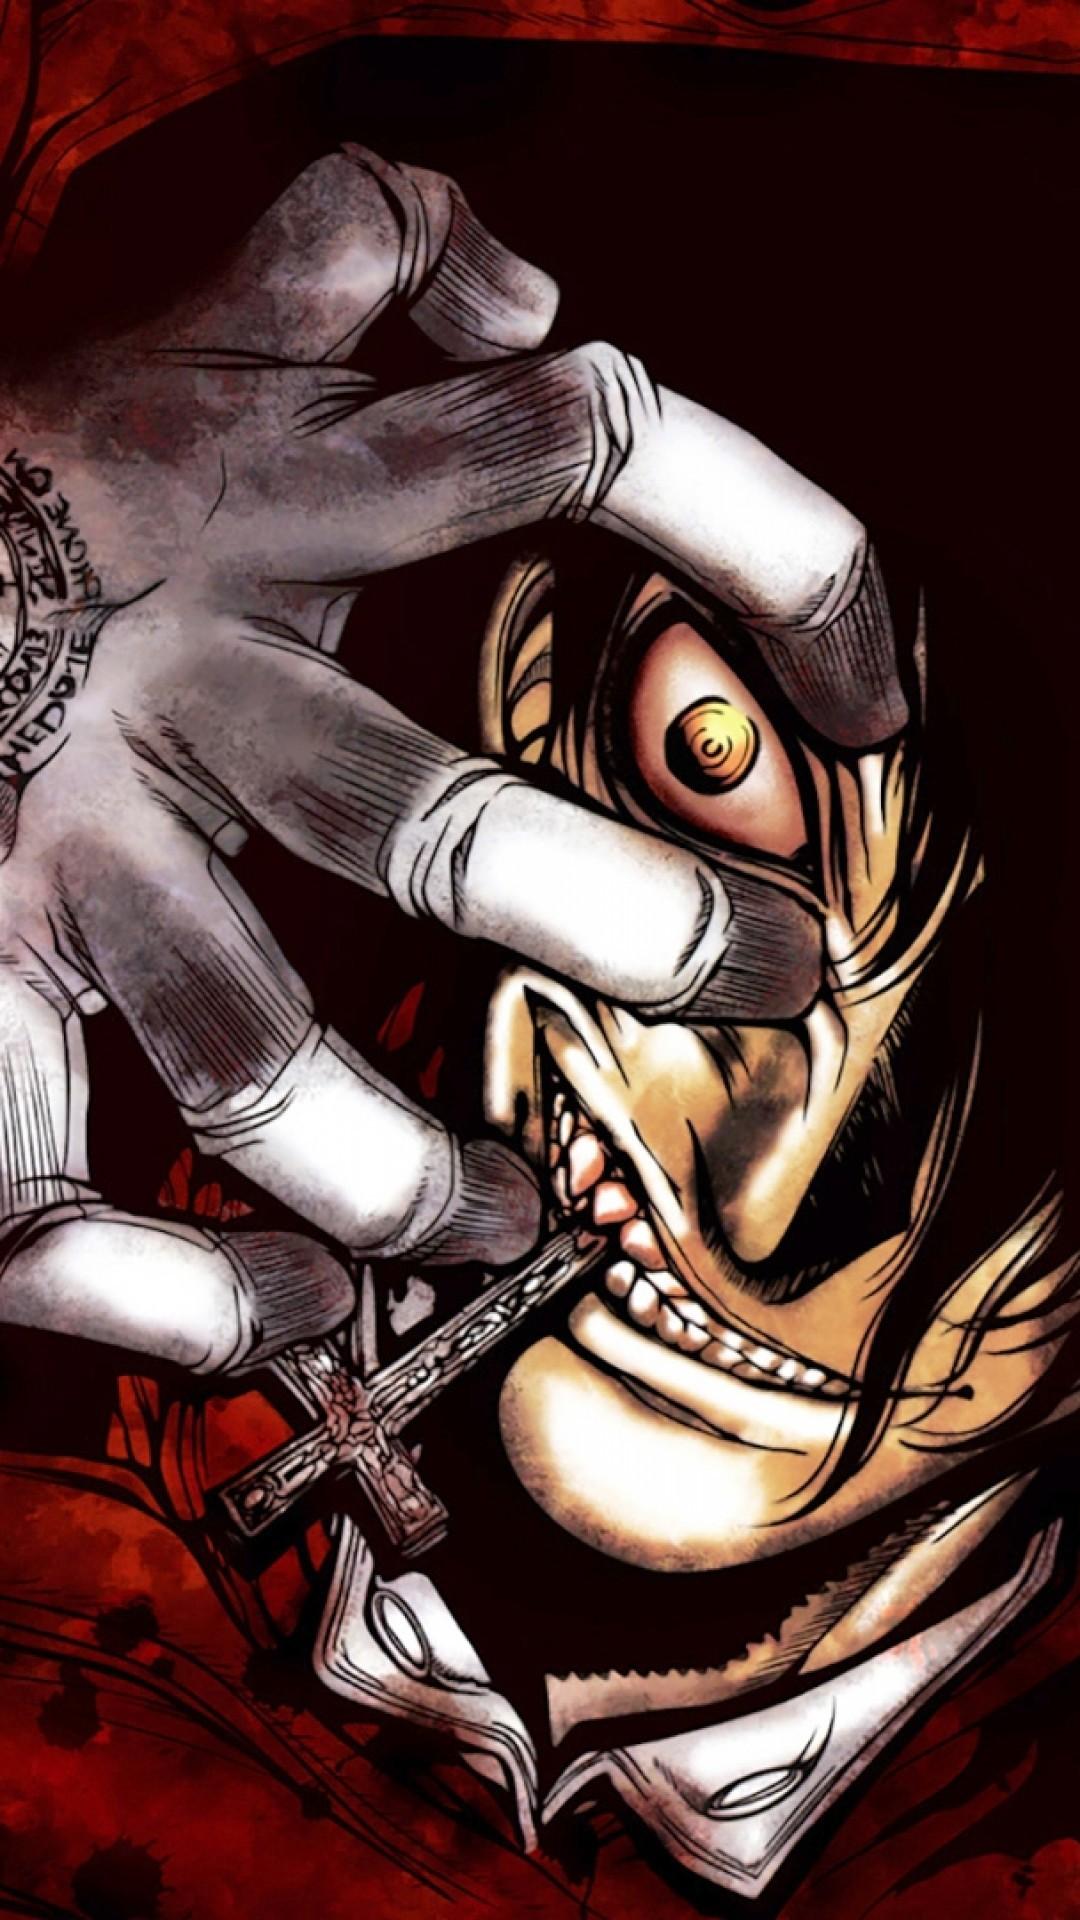 Res: 1080x1920, Hellsing, Alucard, Vampire, Creepy